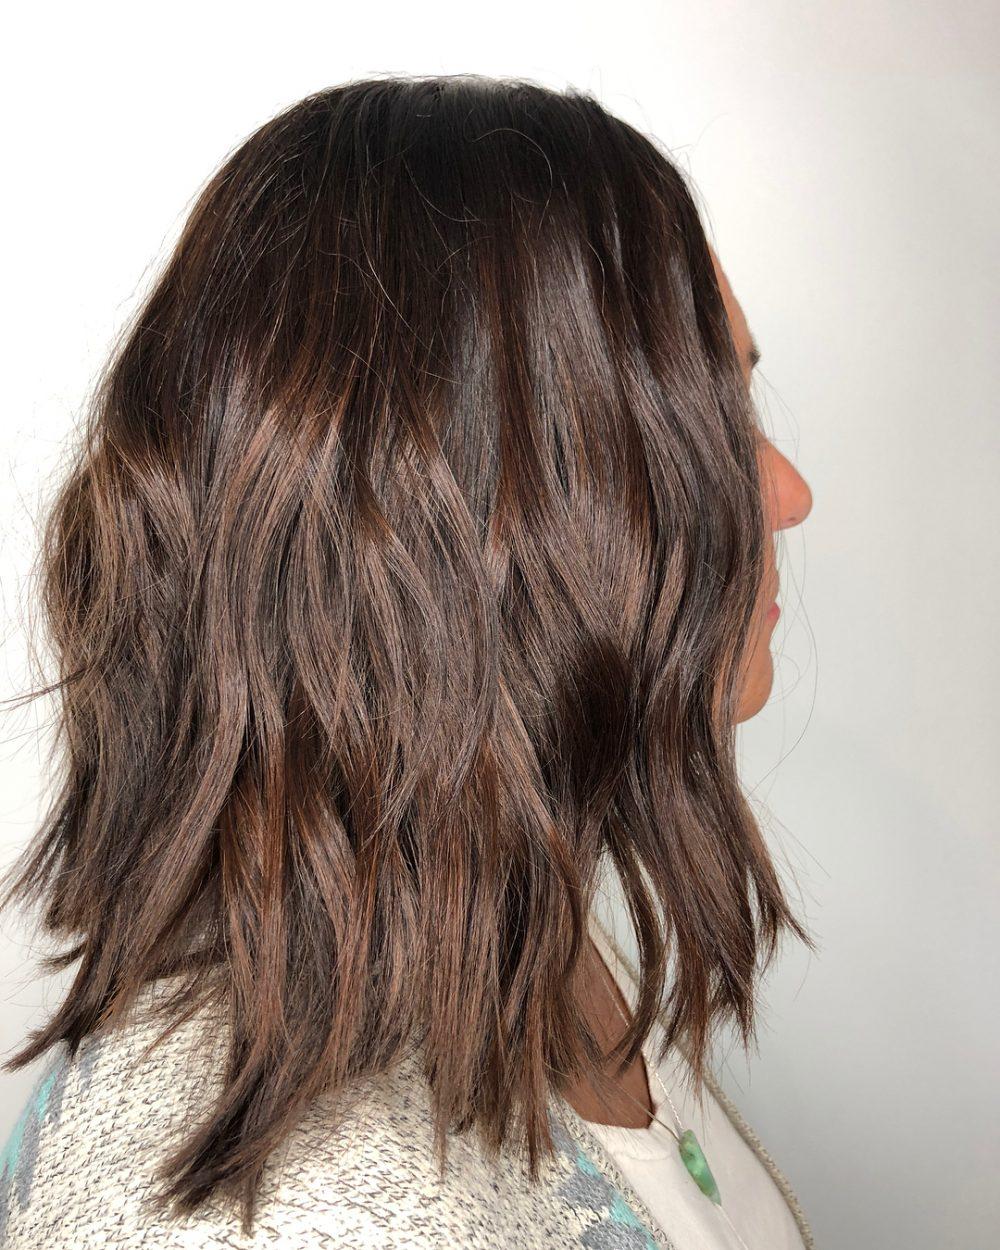 Fresh & Modern Balayage hairstyle